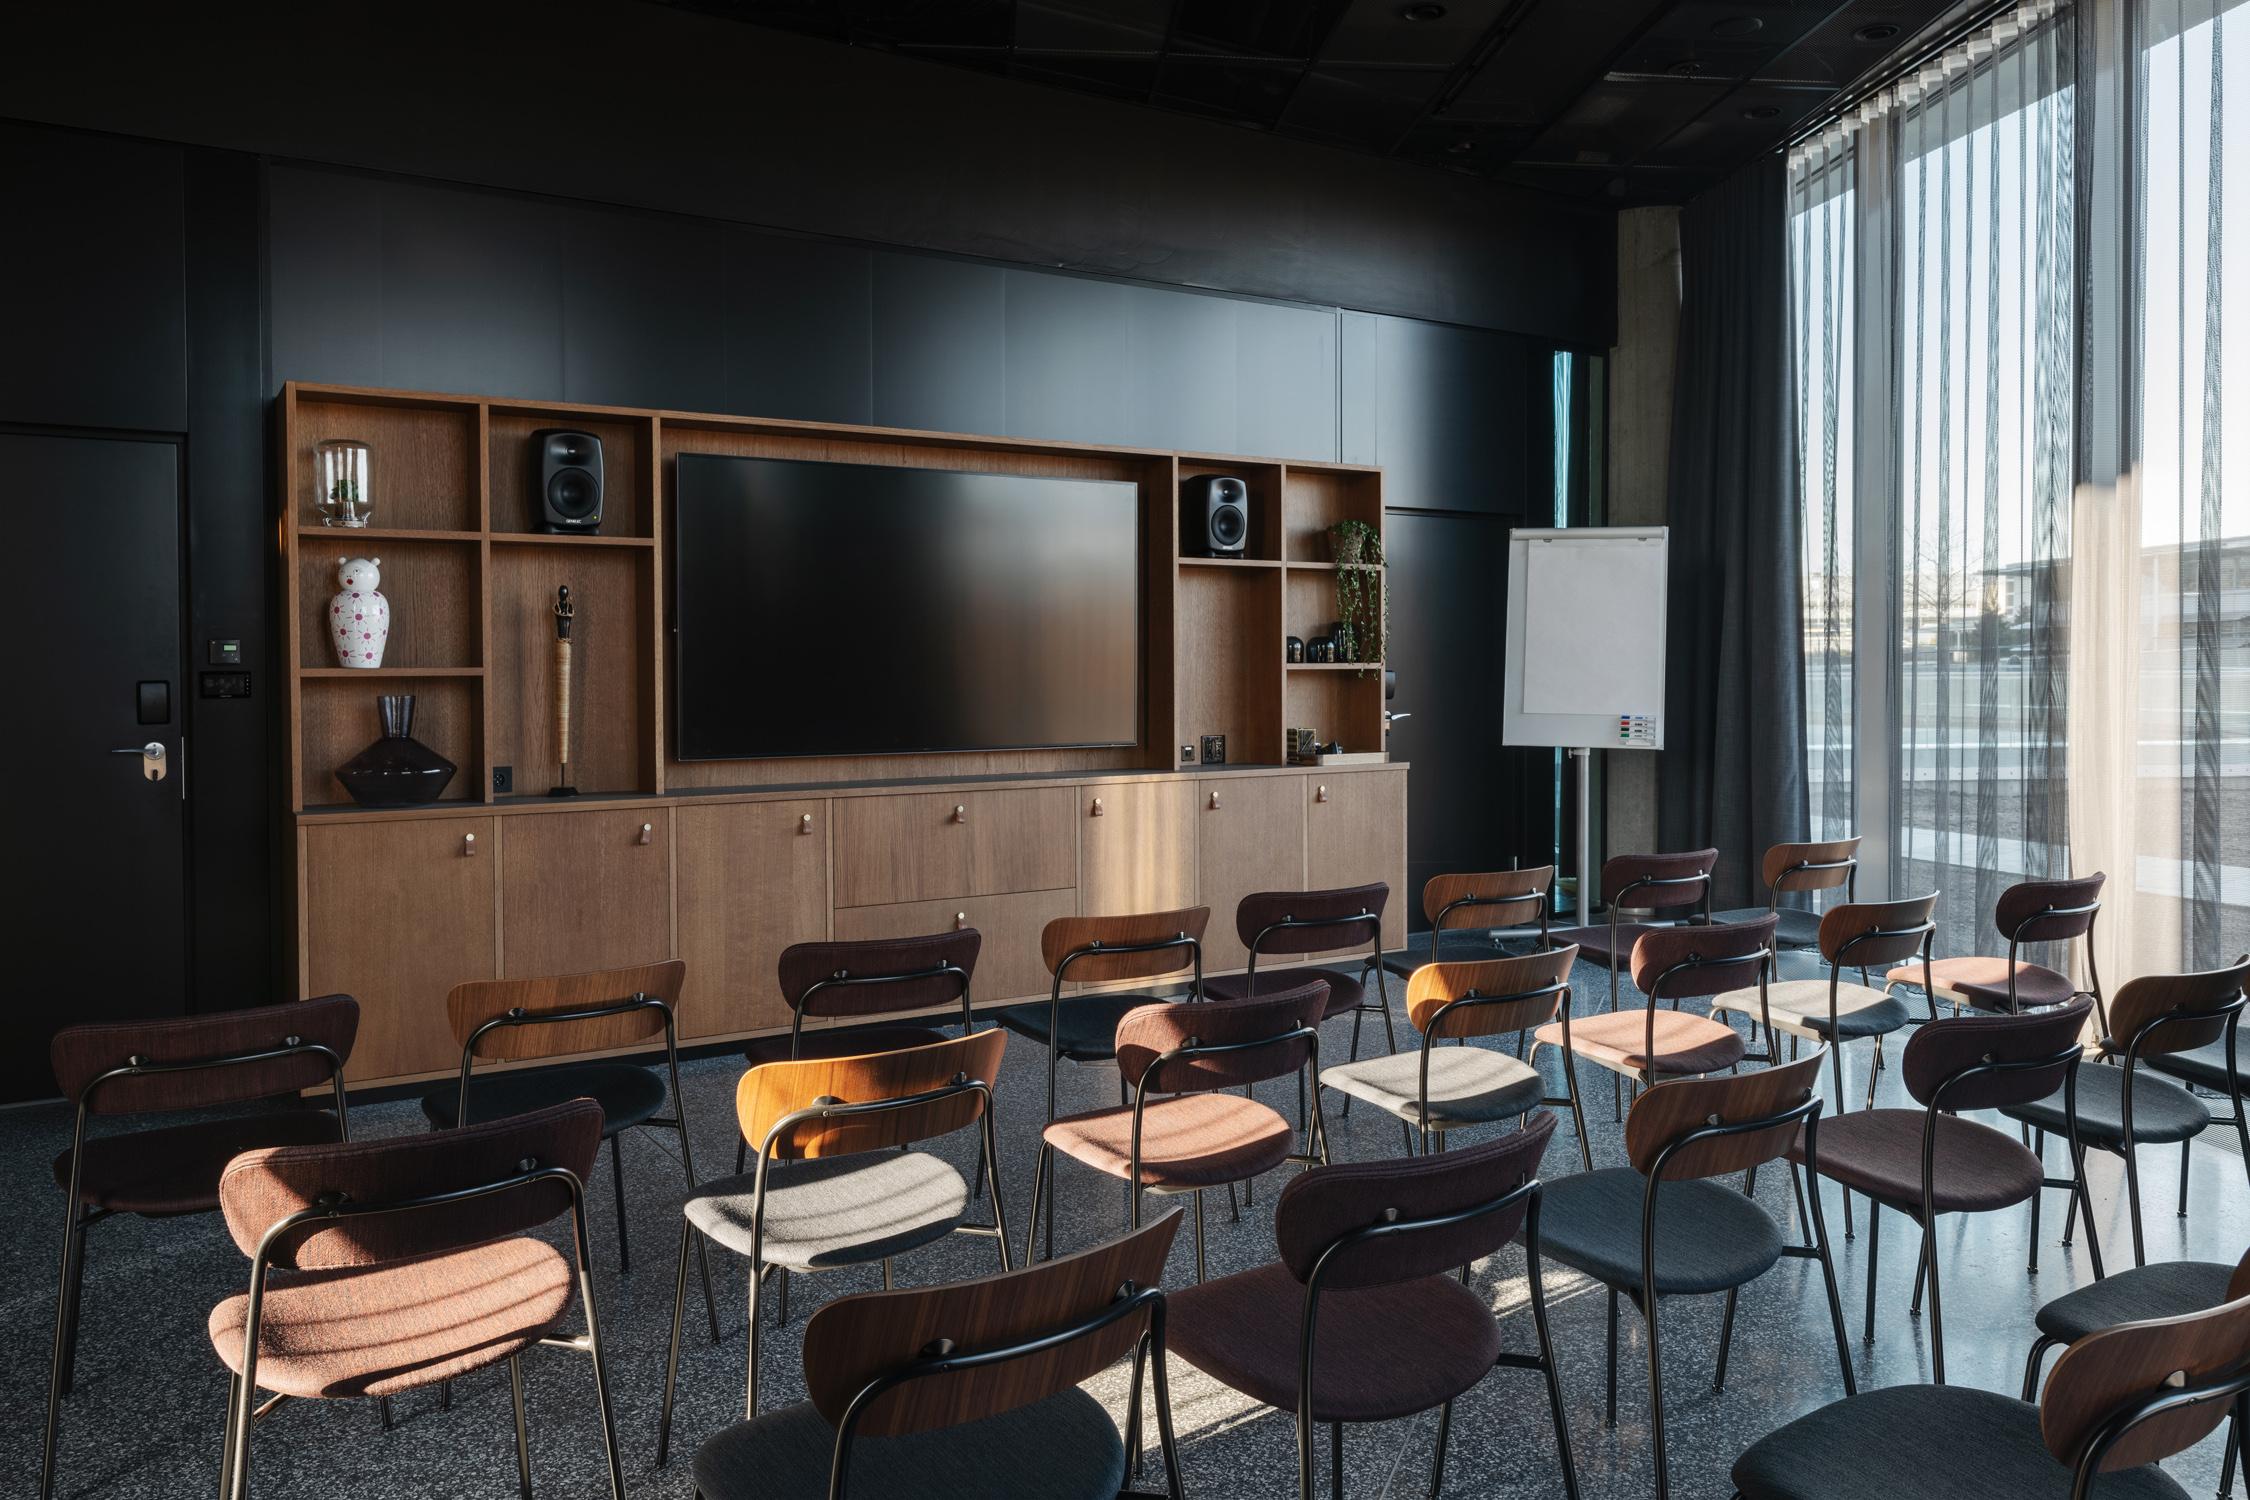 049_comfort_hotel_arlanda_meetings